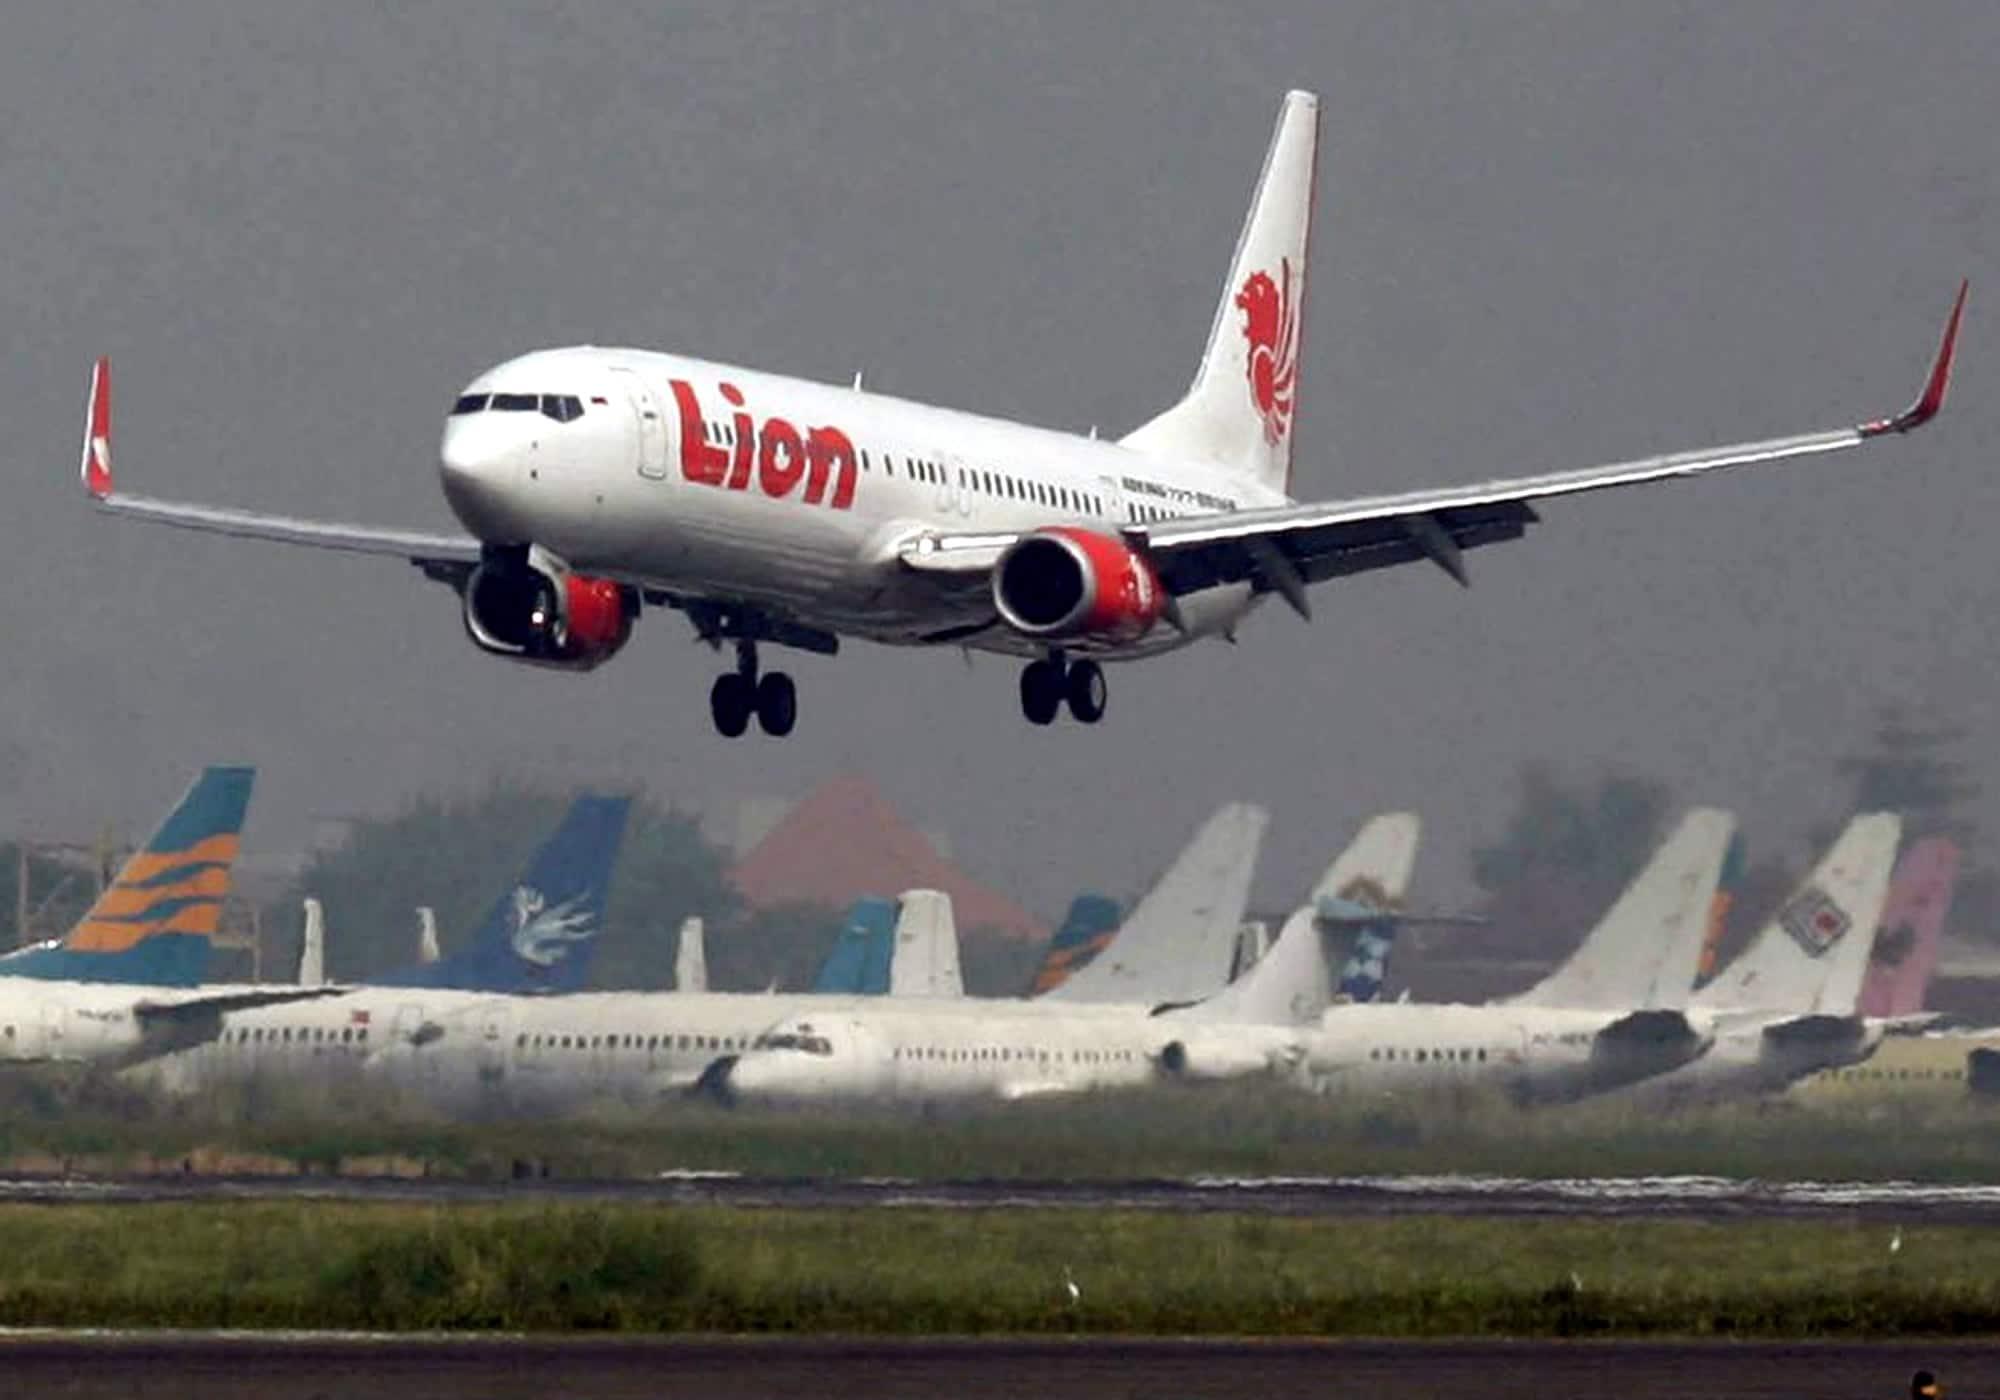 Αεροπορικό δυστύχημα στην Τζακάρτα της Ινδονησίας